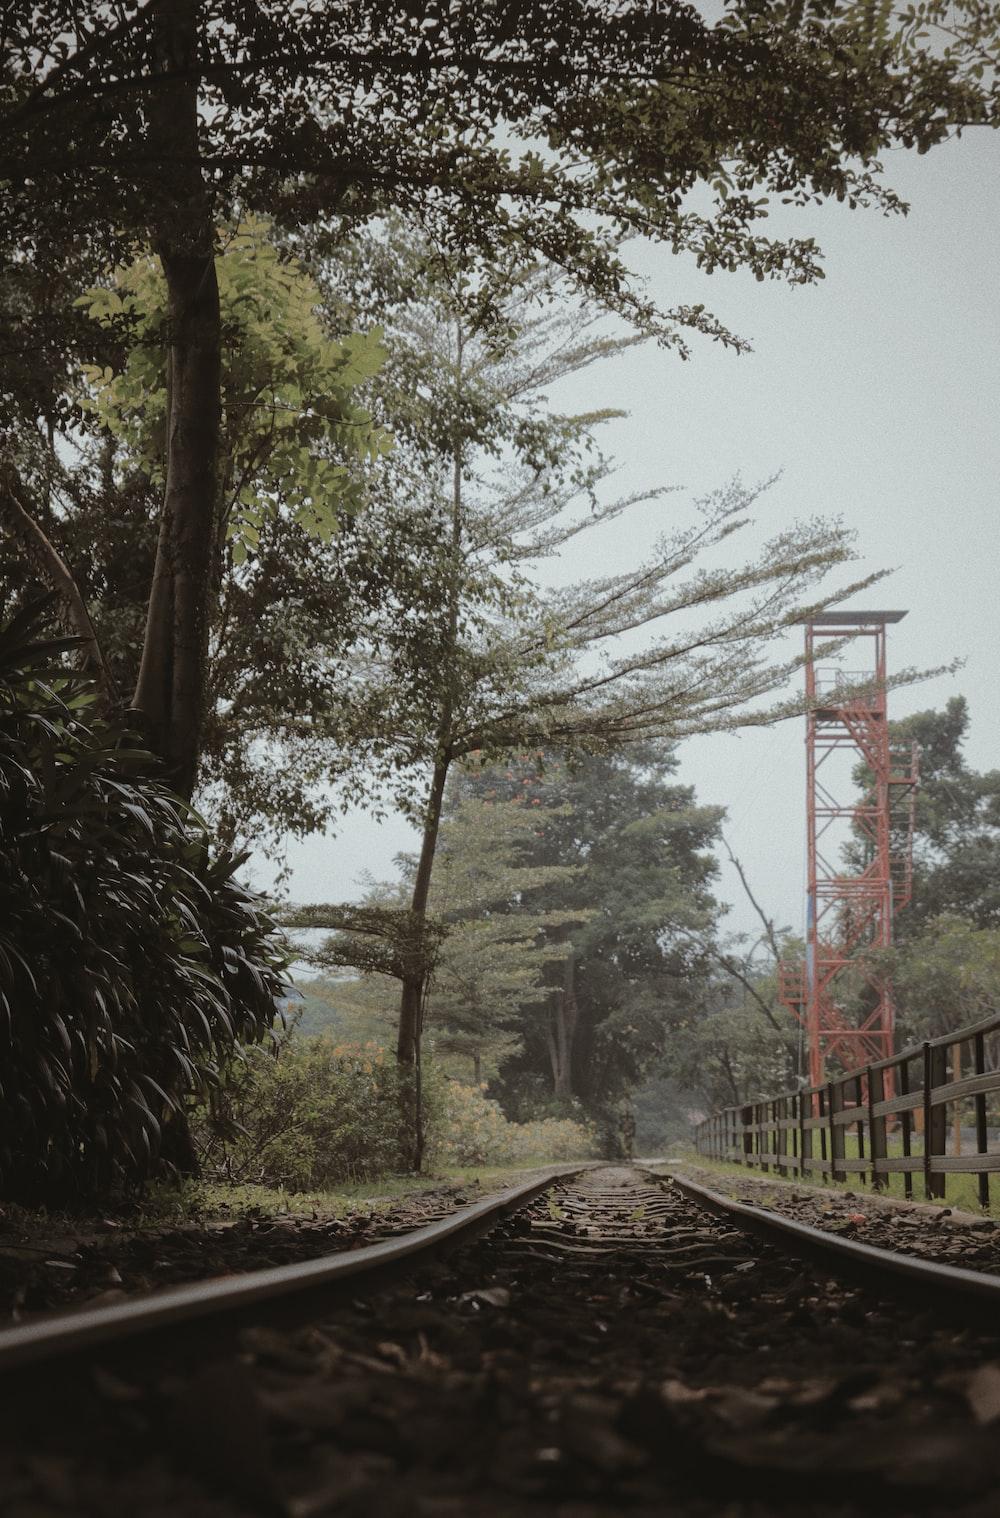 brown rail train